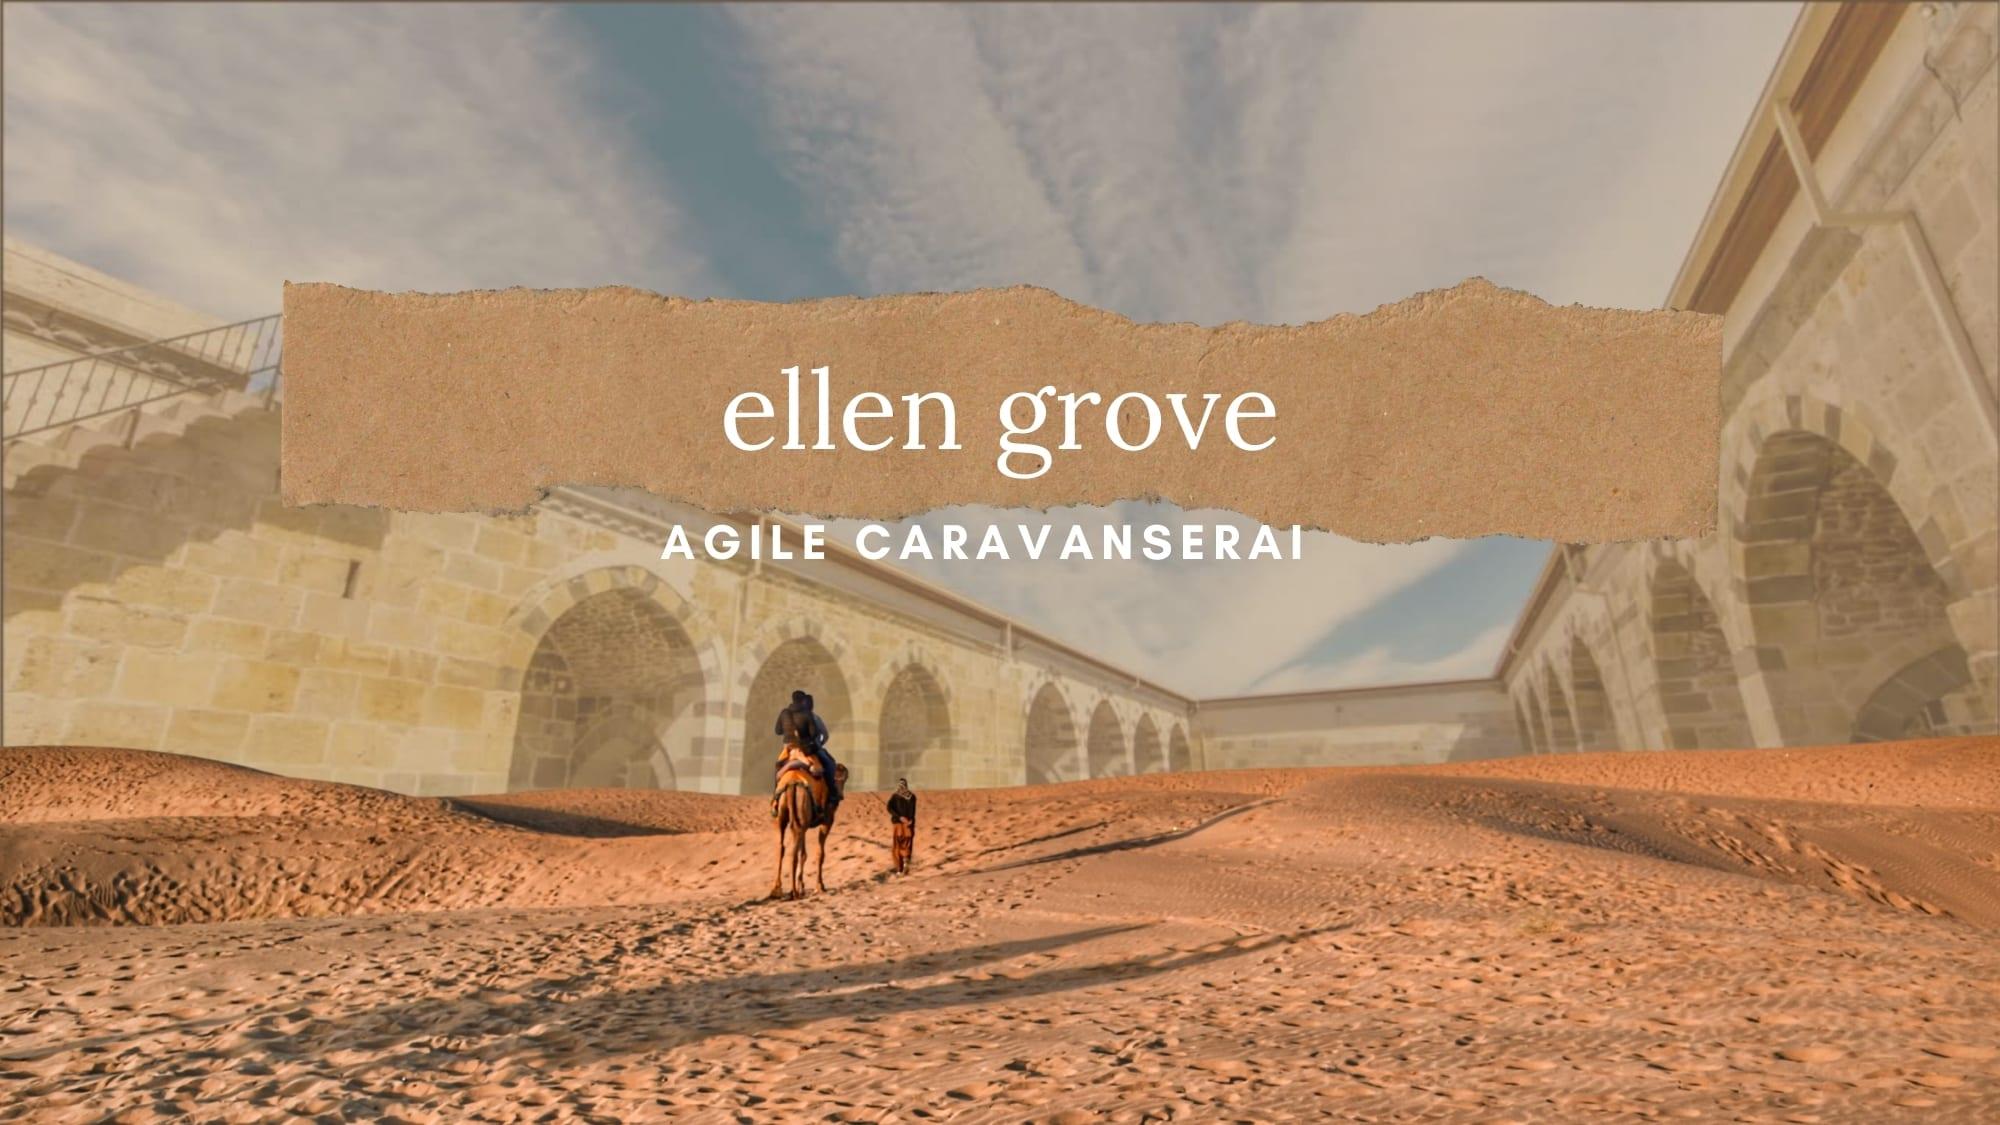 Agile Caravanserai Ellen Grove